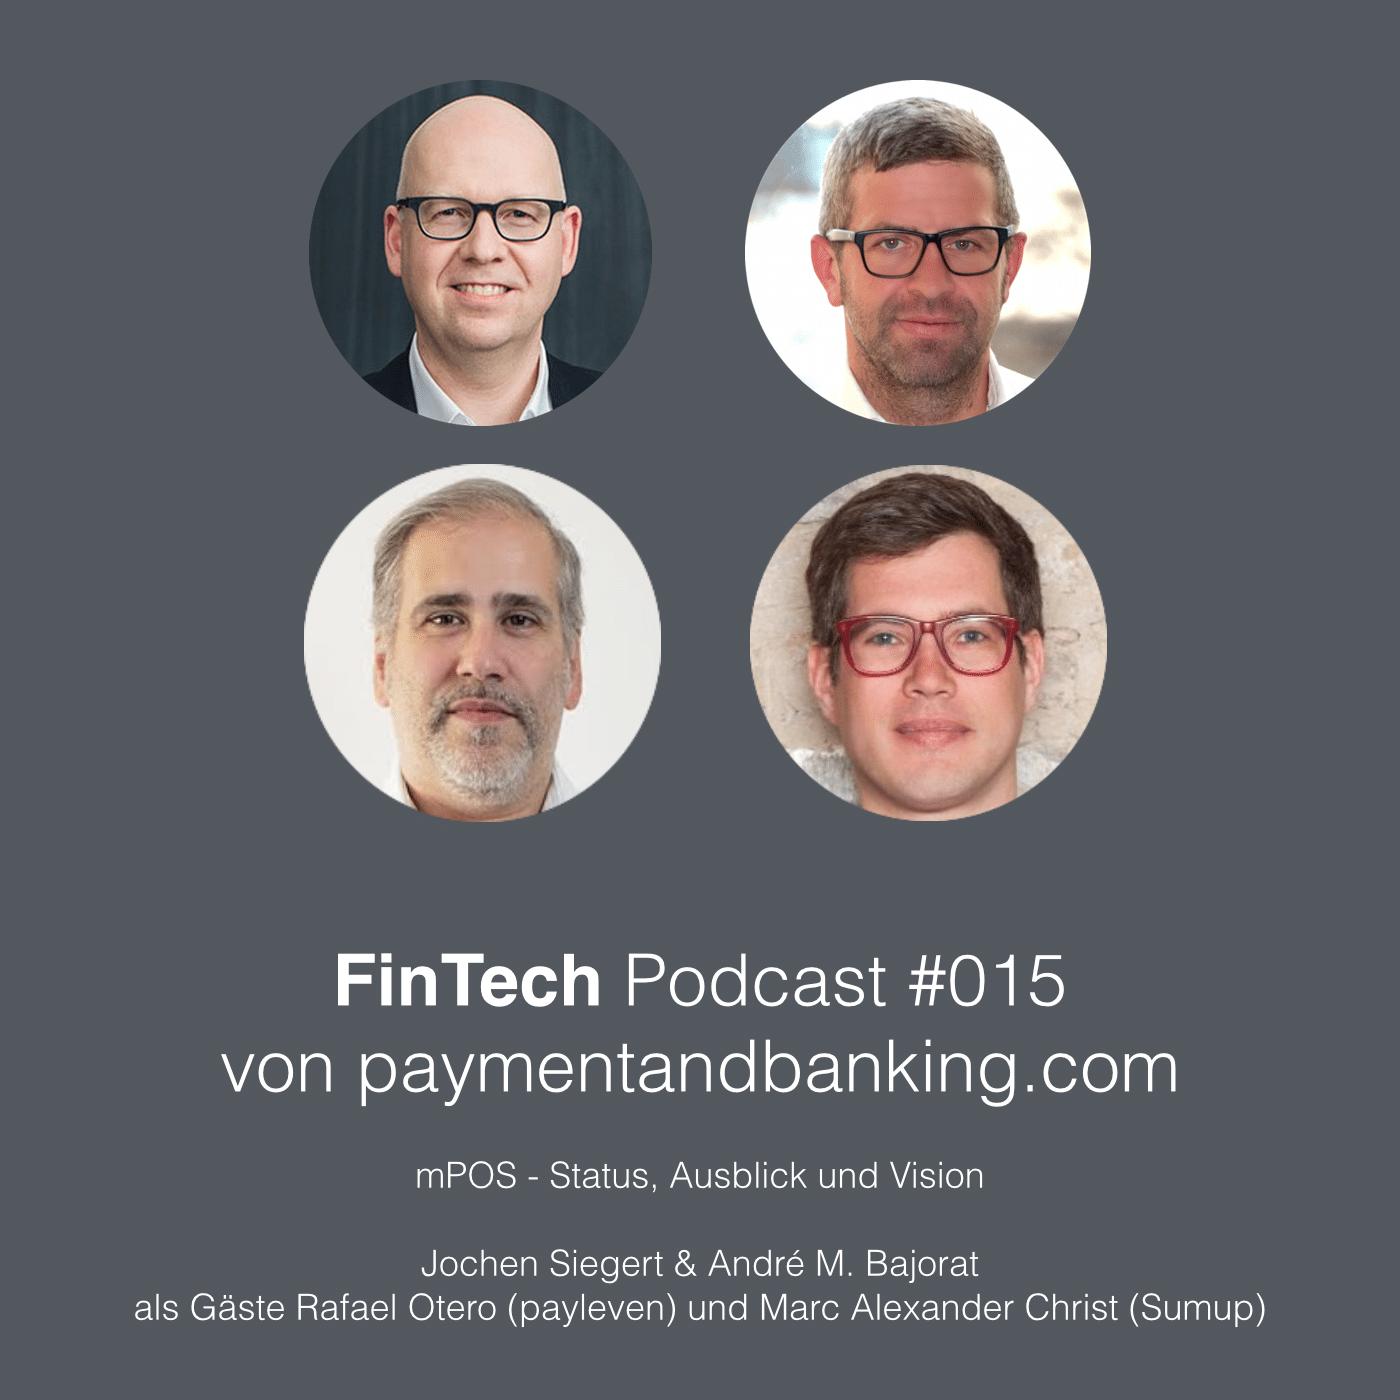 Fintech Podcast #015